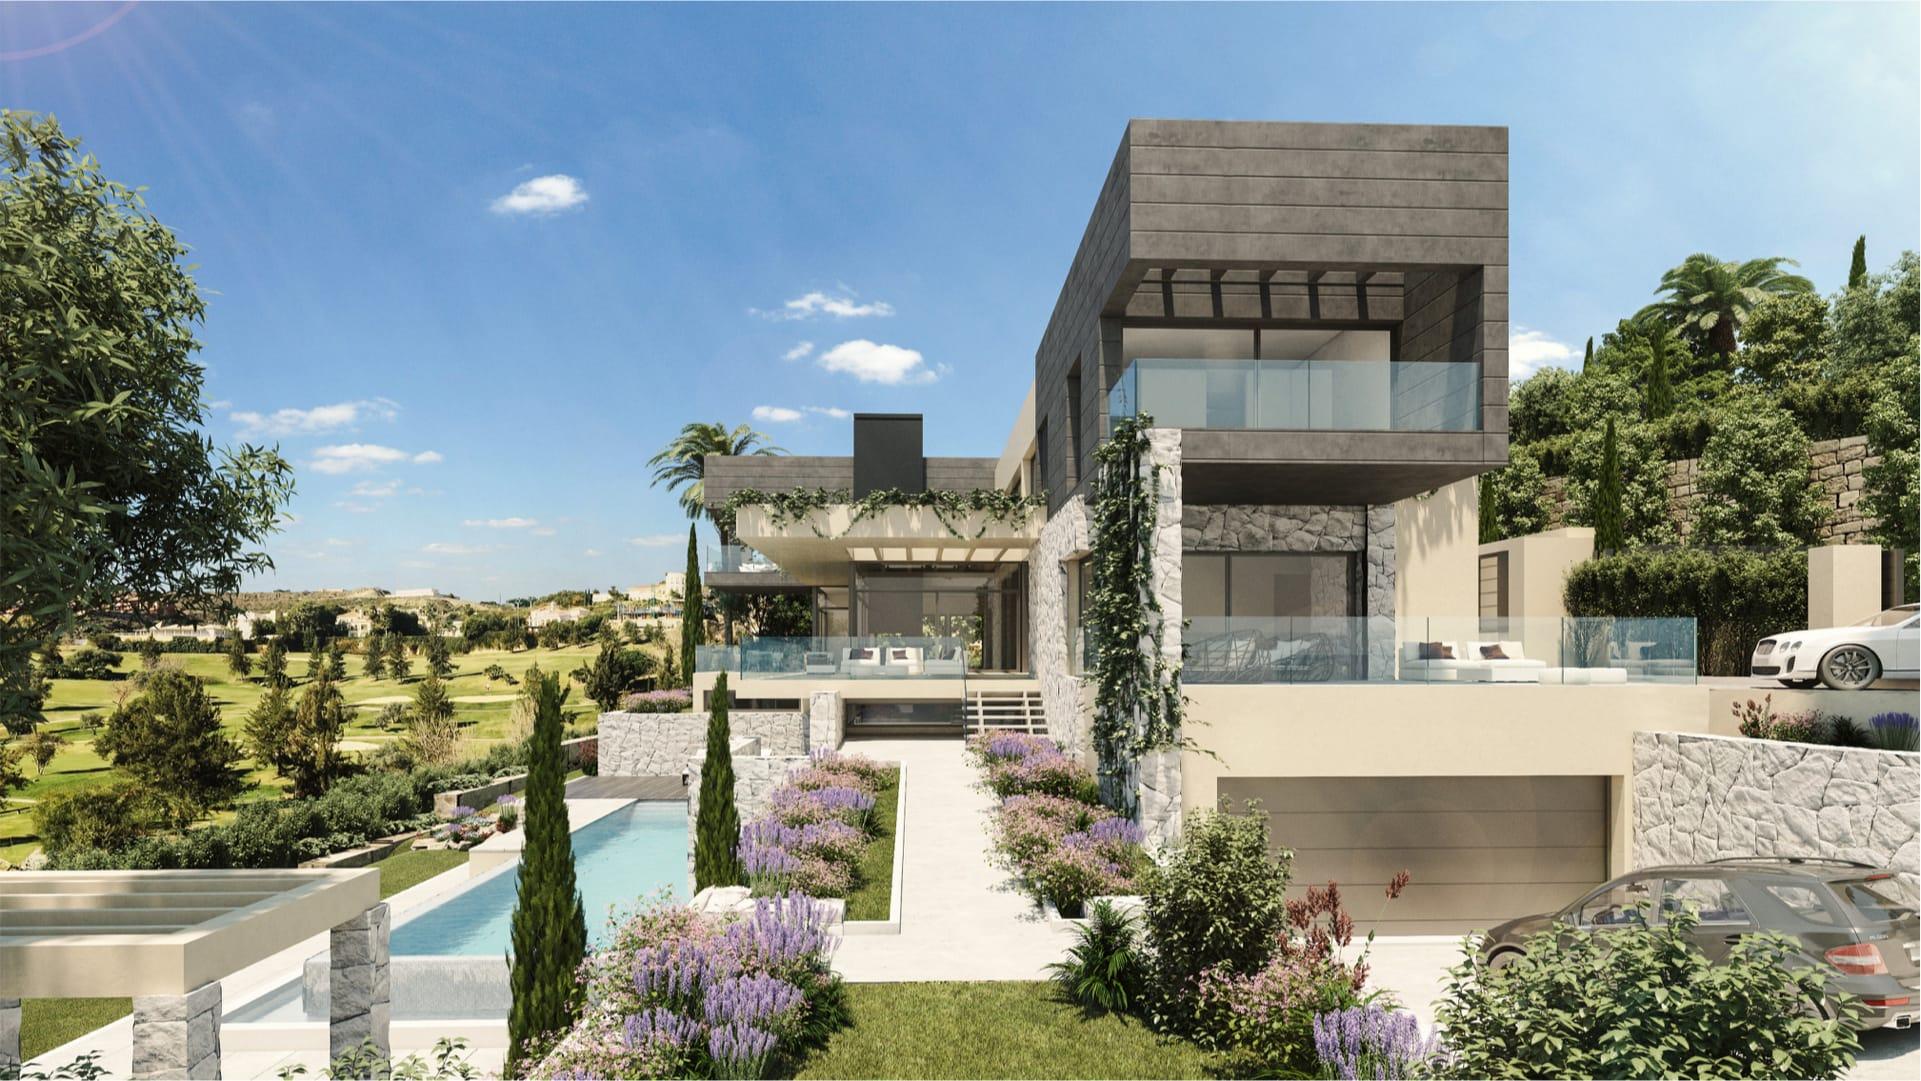 La Alqueria, State of the art Modern Family Home